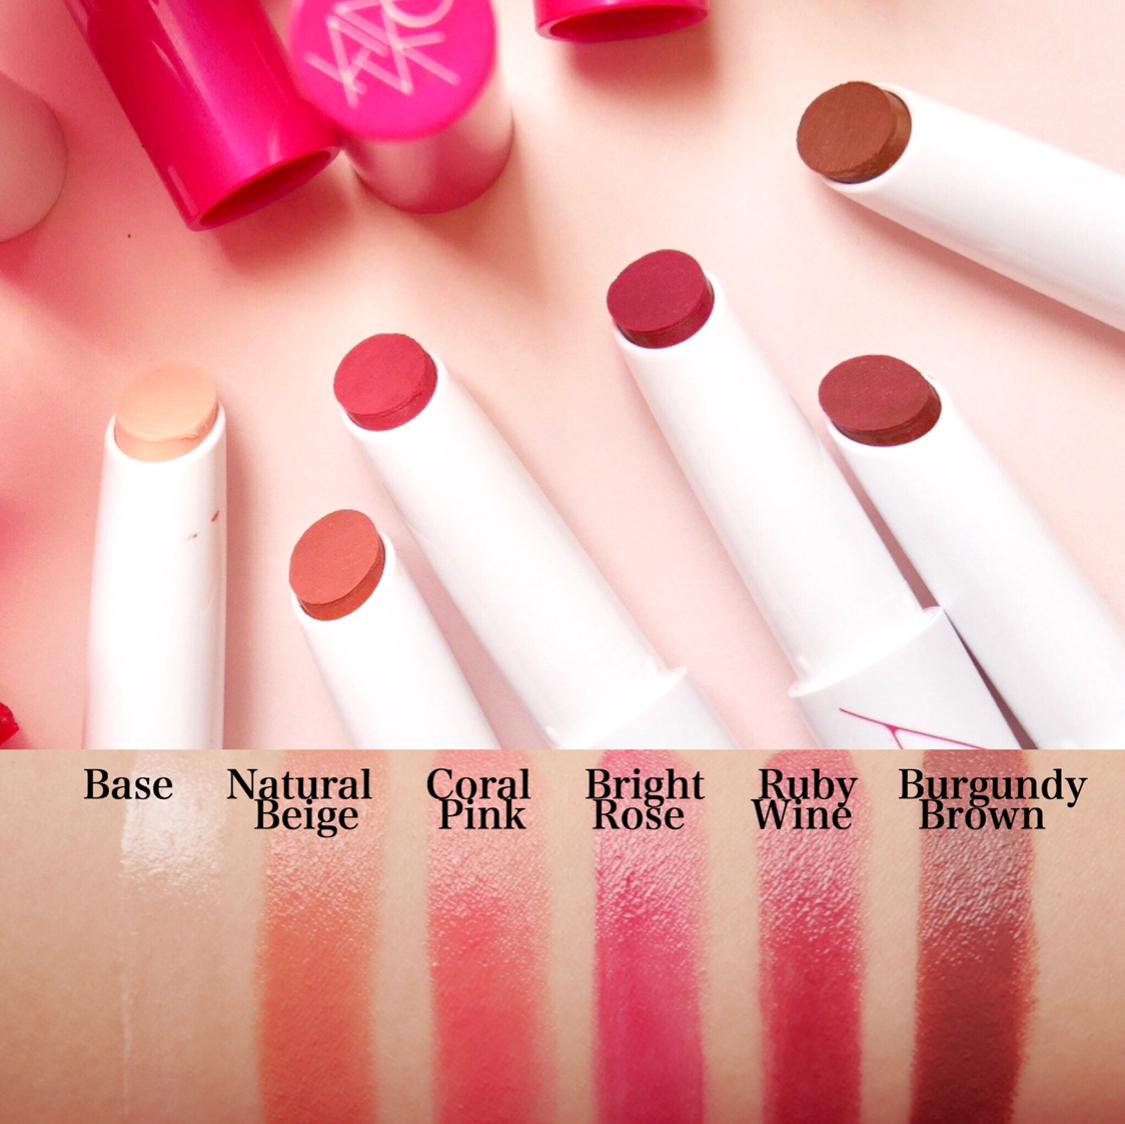 気になるブランド『AINOKI』の新メイクアイテムを、美容家立花ゆうりがお試し♡ おすすめは唇温度でとろけるリップスティック!_2_1